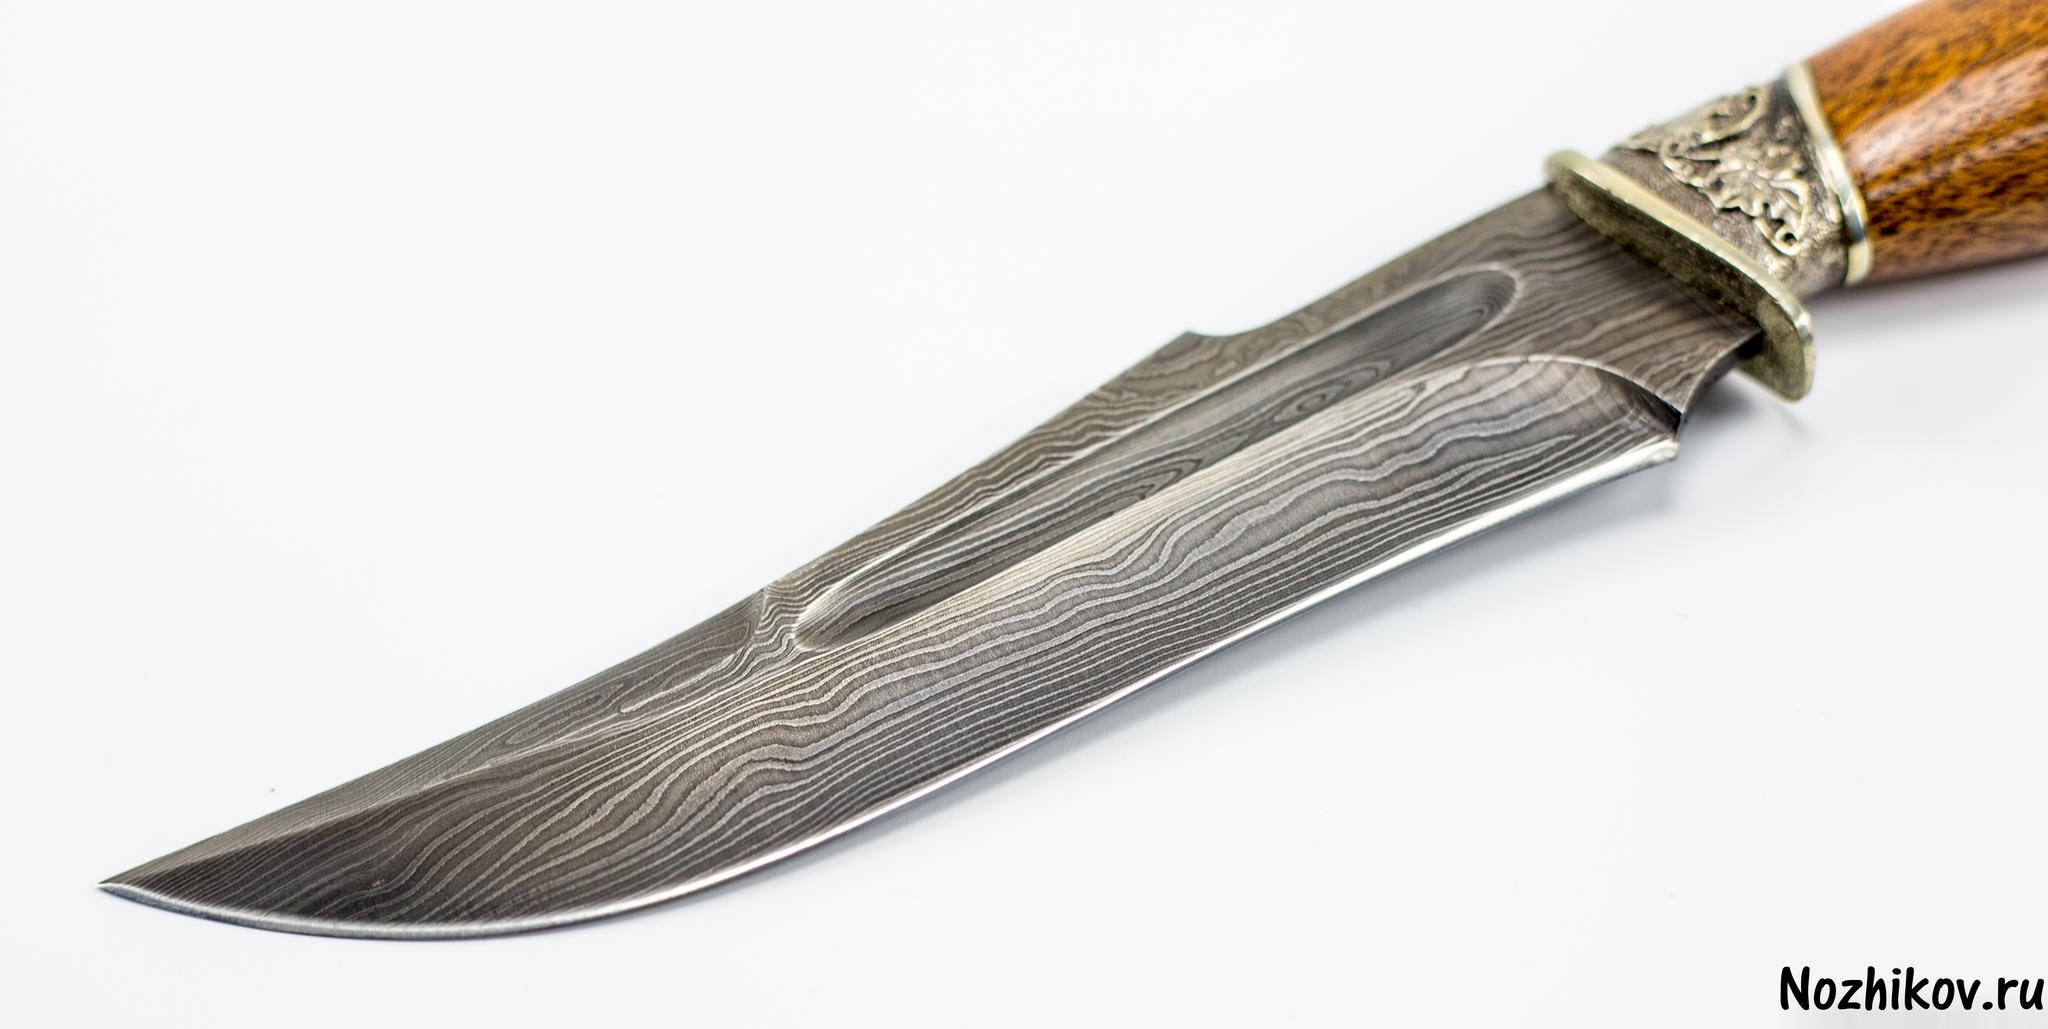 Фото 3 - Авторский Нож из Дамаска №14, Кизляр от Noname